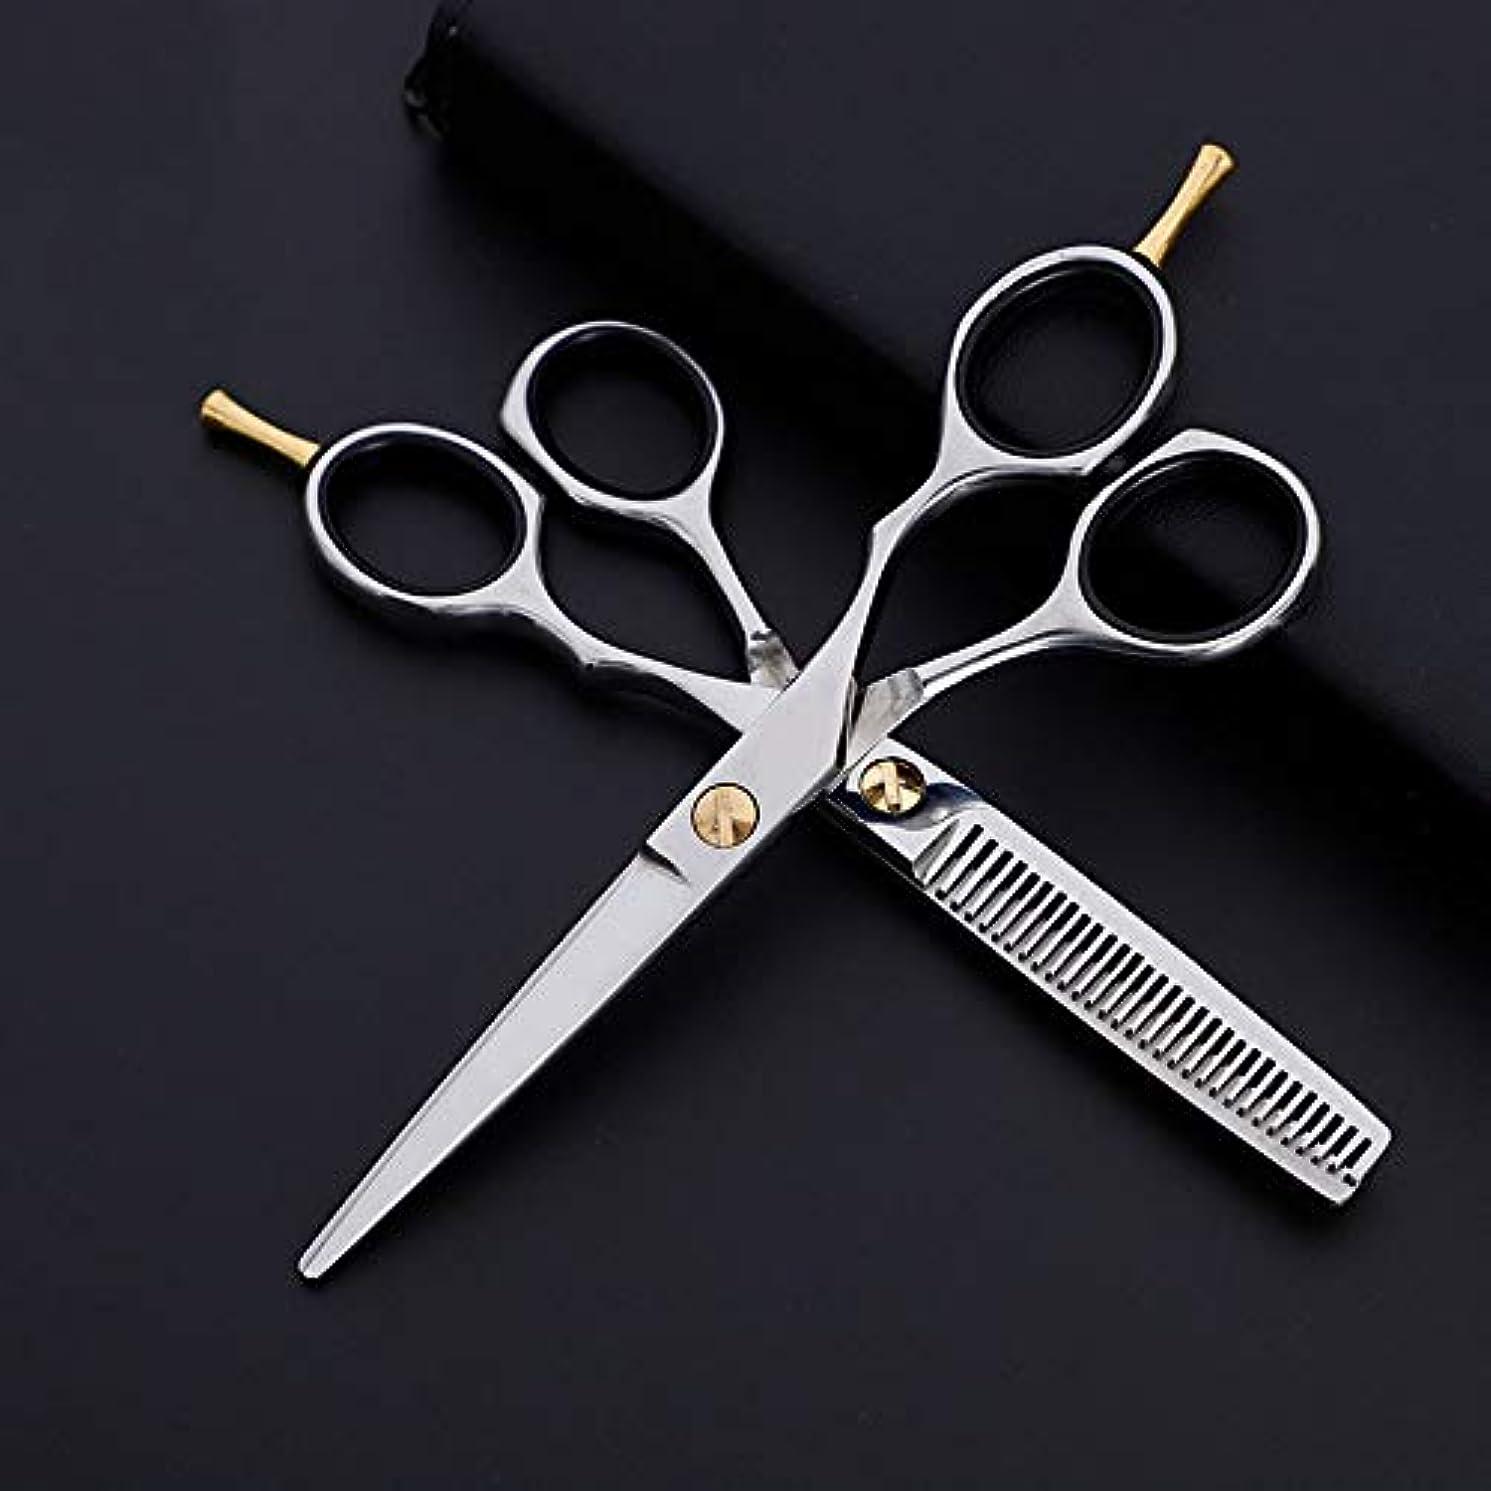 快適病気体系的に6インチプロフェッショナル理髪セット、フラット+歯はさみクラシック斜めハンドル理髪はさみ モデリングツール (色 : Silver)